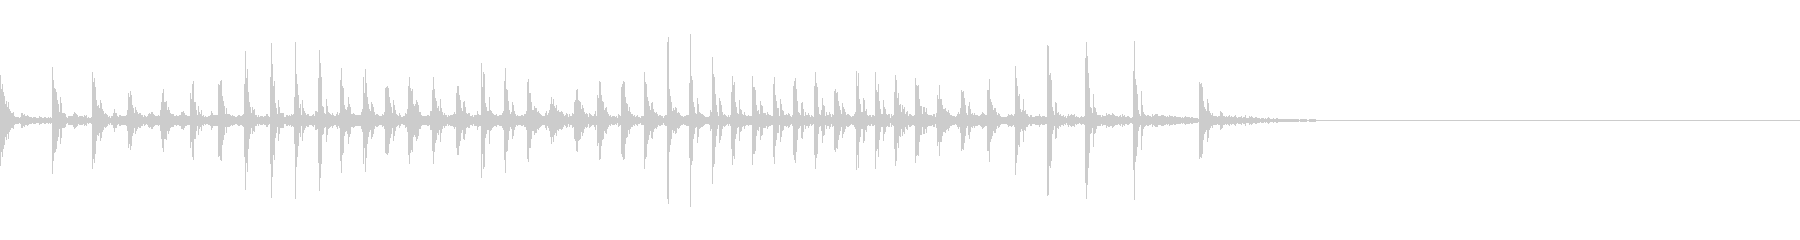 [生録音]魚釣り、リールを巻く07の未再生の波形